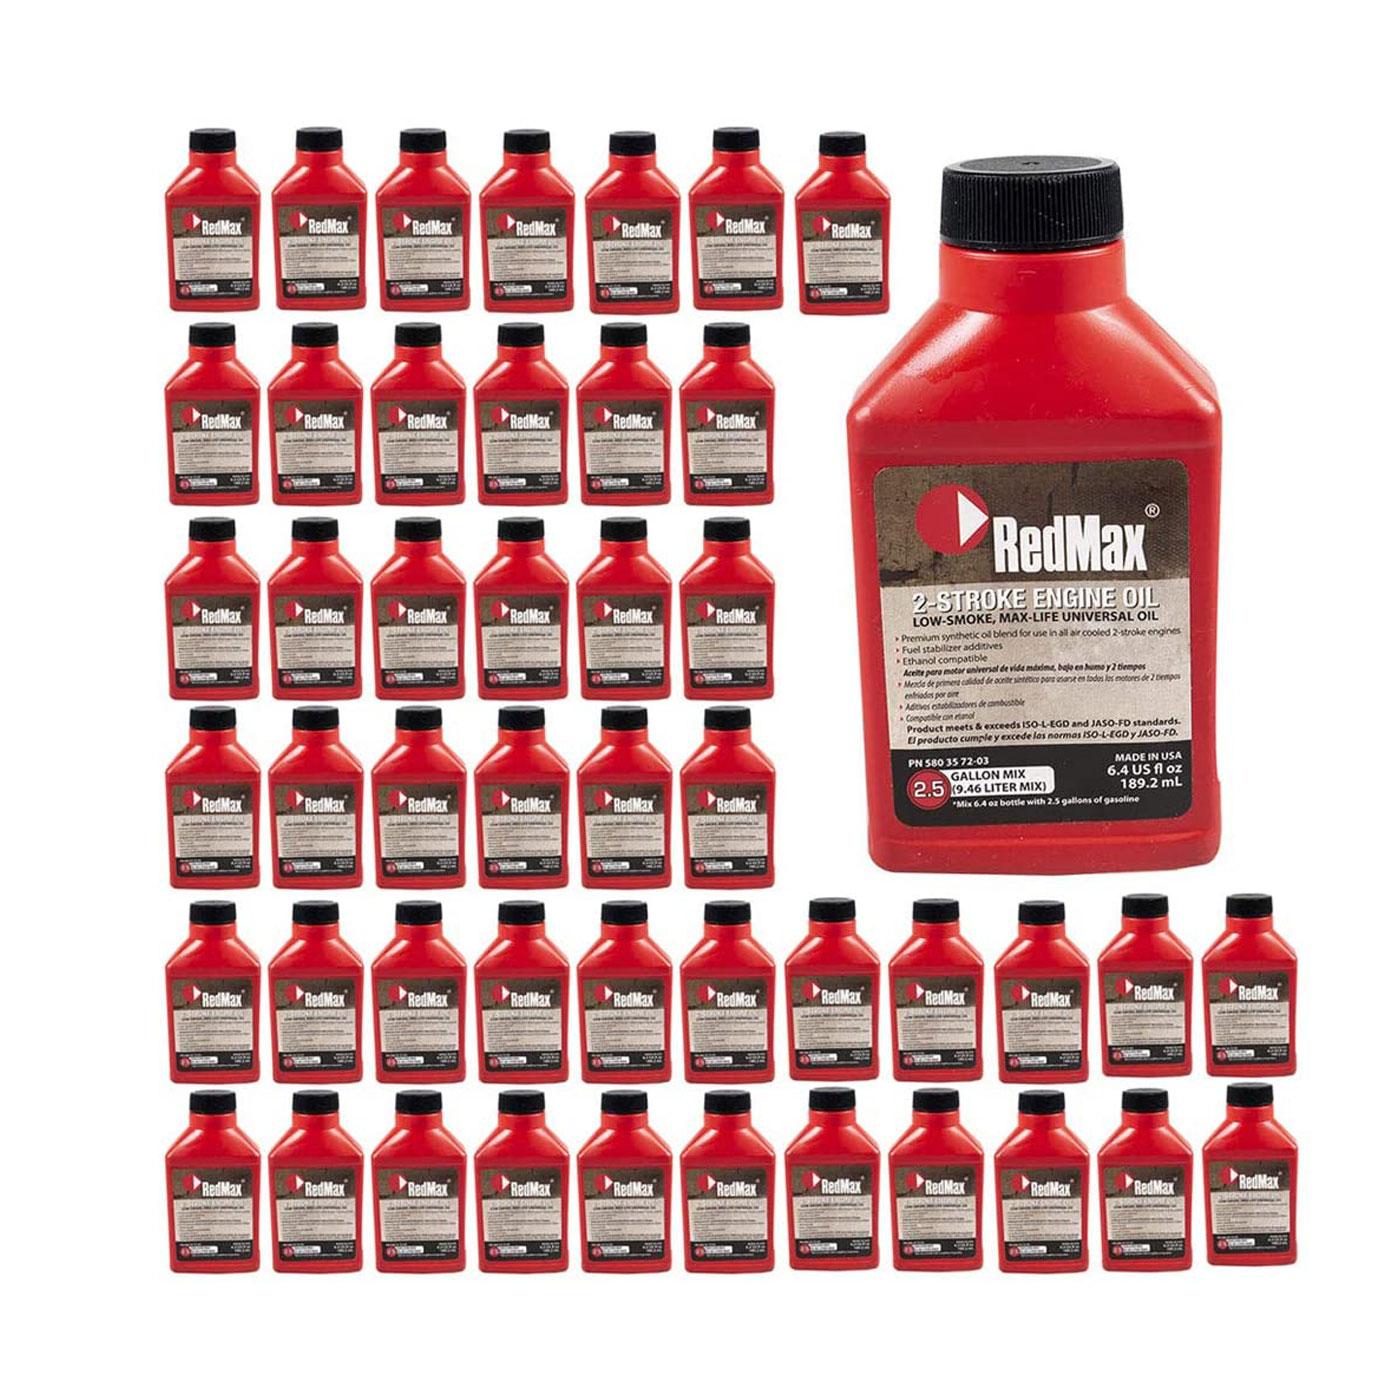 RedMax MaxLife Engine Oil